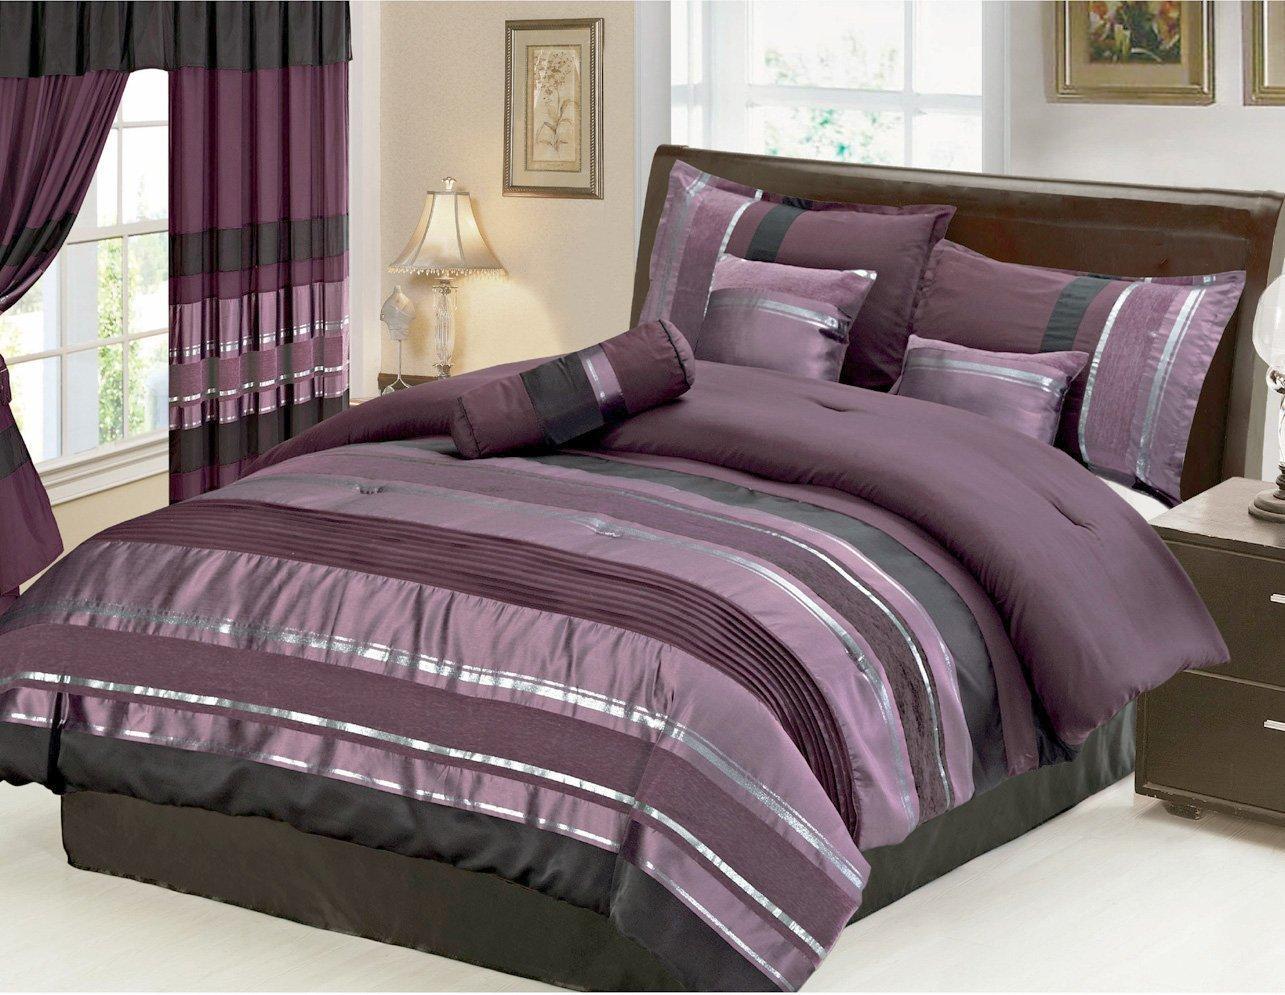 sale and christmas bedding set pin sets eggplant comforter